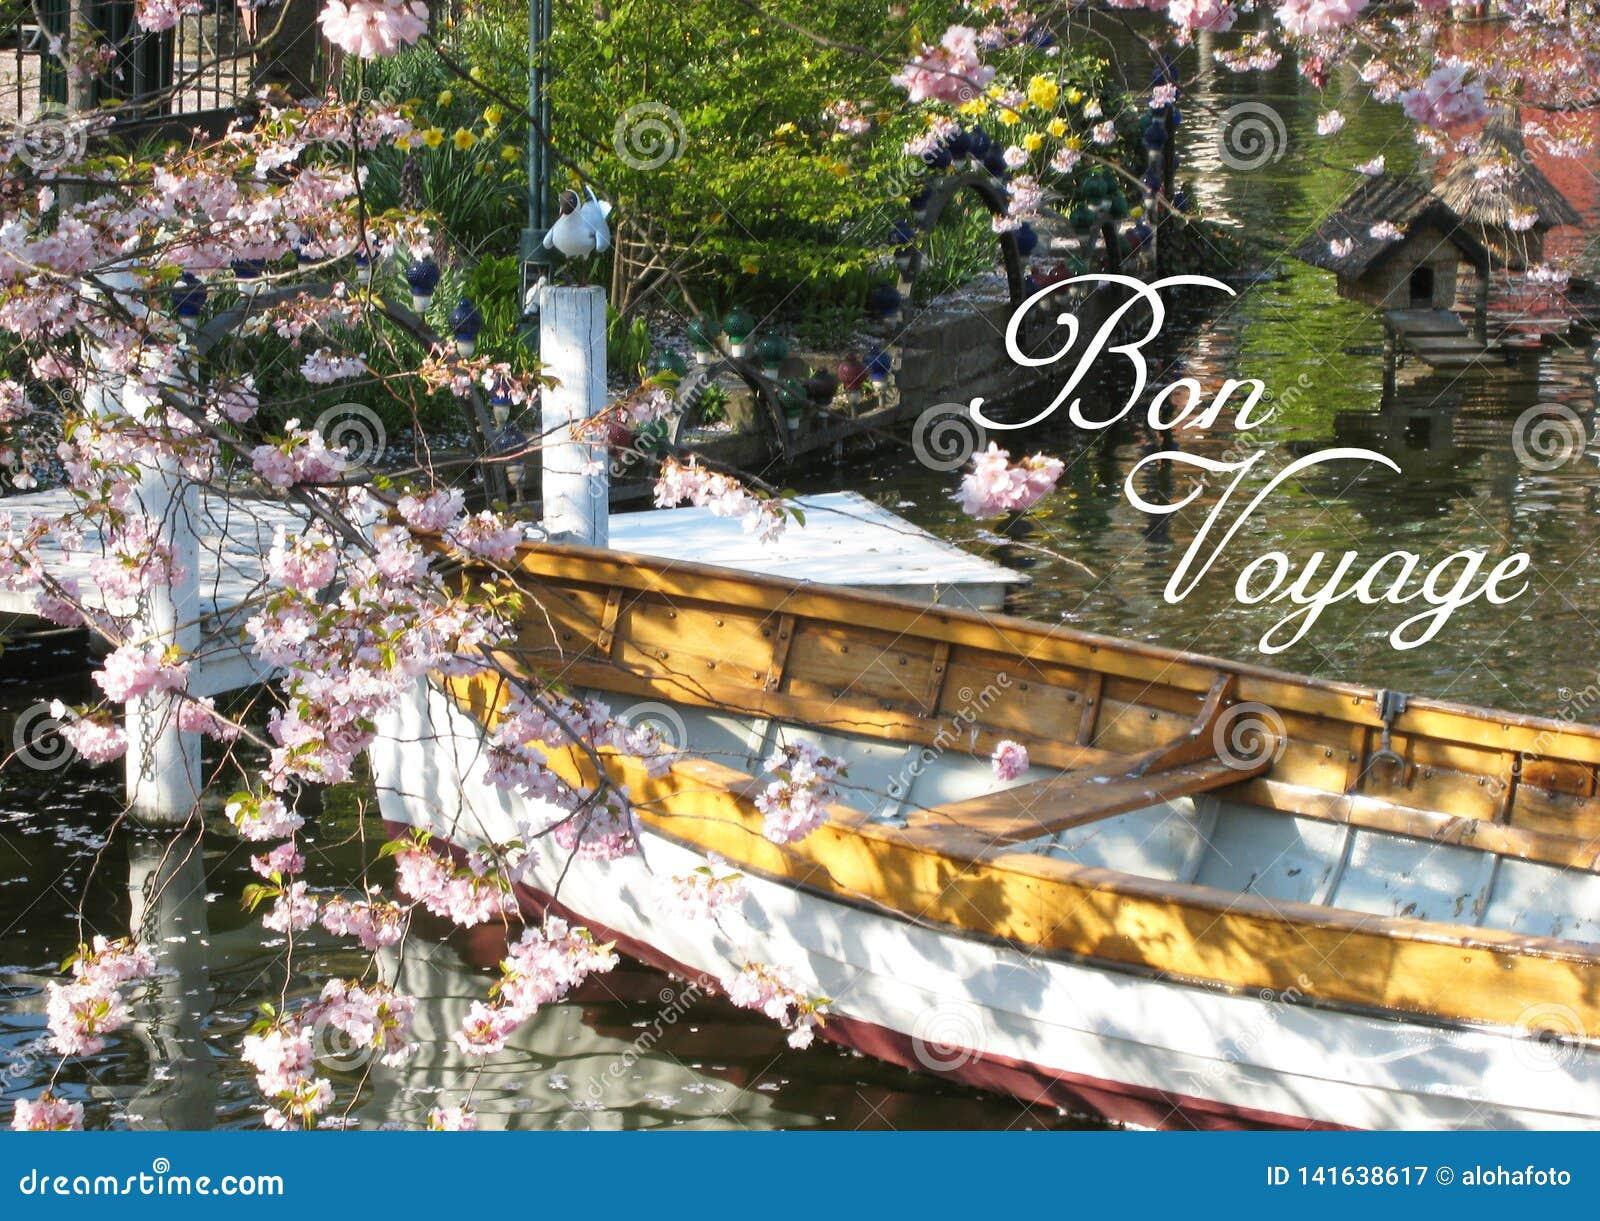 Η κάρτα με μια υπέροχα άποψη μιας ξύλινης βάρκας στην Κοπεγχάγη στη Δανία που περιβάλλεται θαλασσίως †‹â€ ‹ανθίζει σε μια μικρή